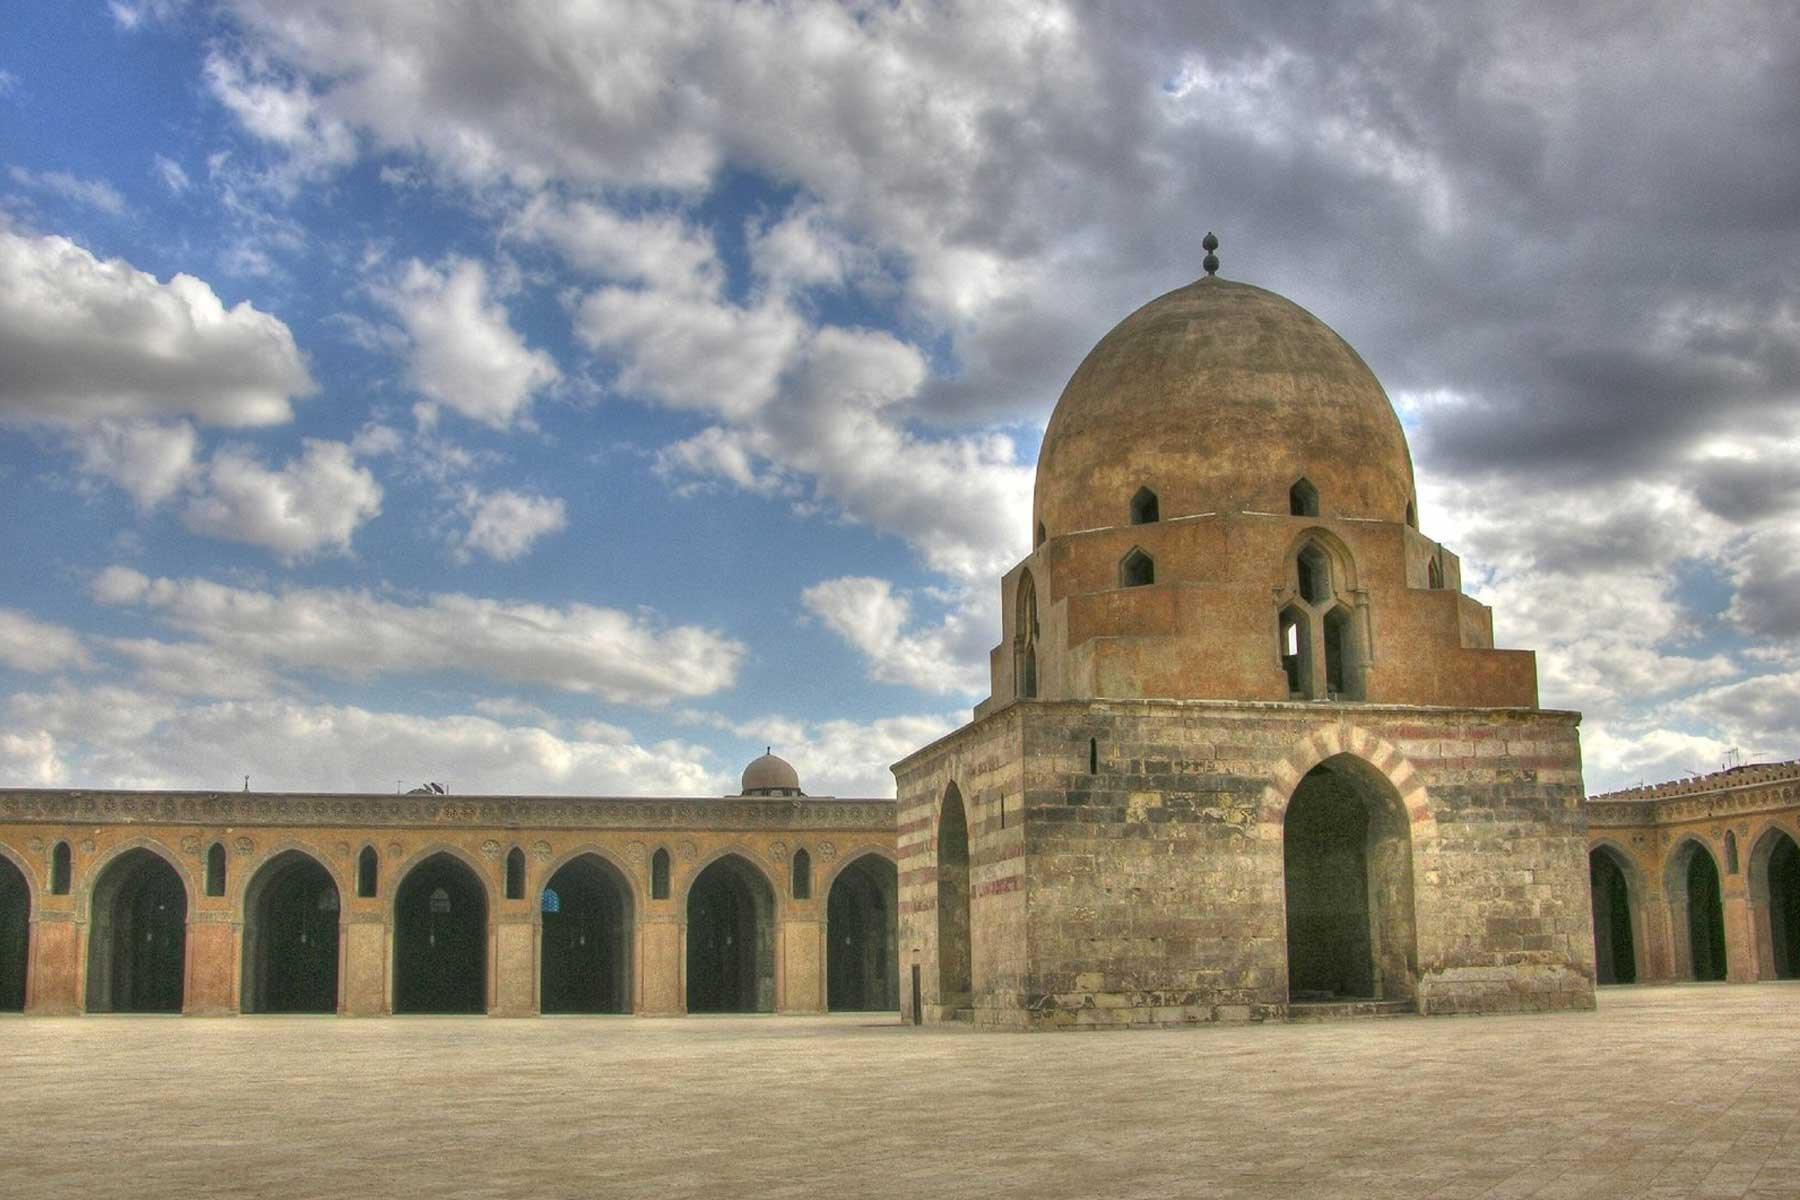 Ahmad Ibn Tulun Mosque